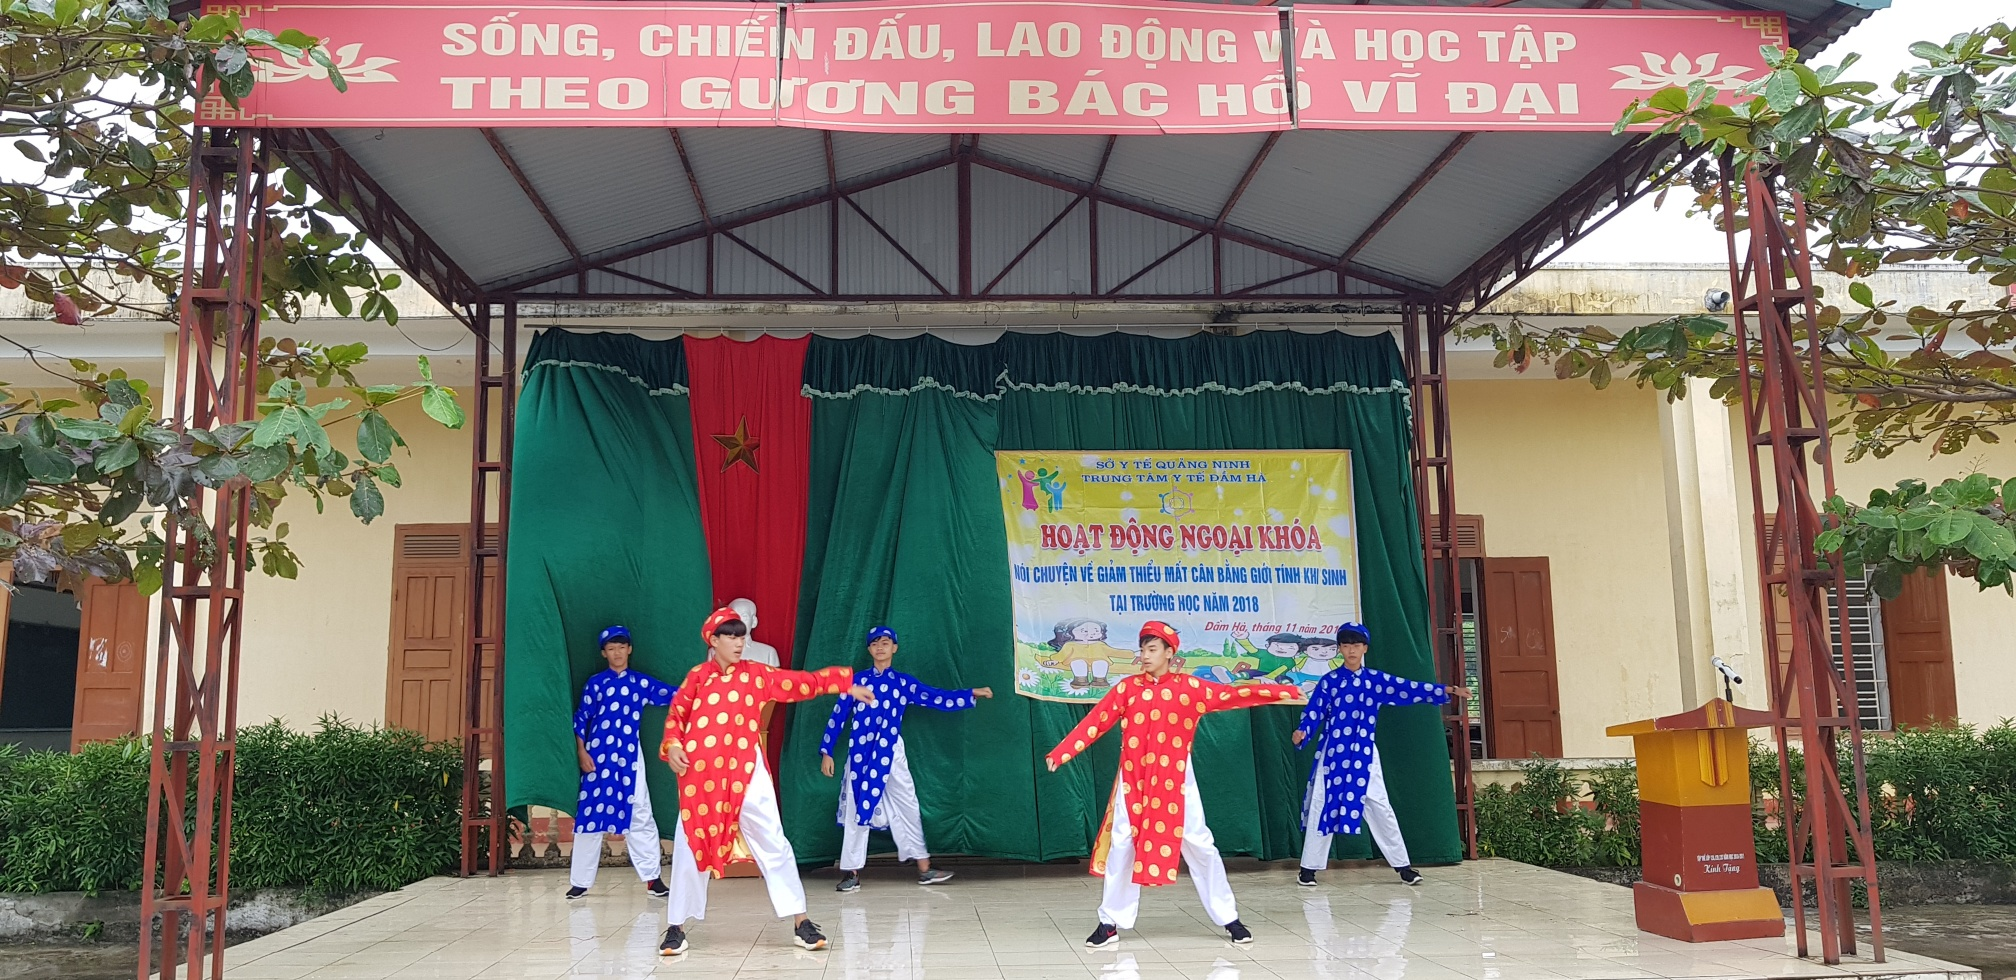 Trung tâm y tế huyện Đầm Hà tổ chức nói chuyện chuyên đề về mất cân bằng giới tính khi sinh tại trường học năm 2018